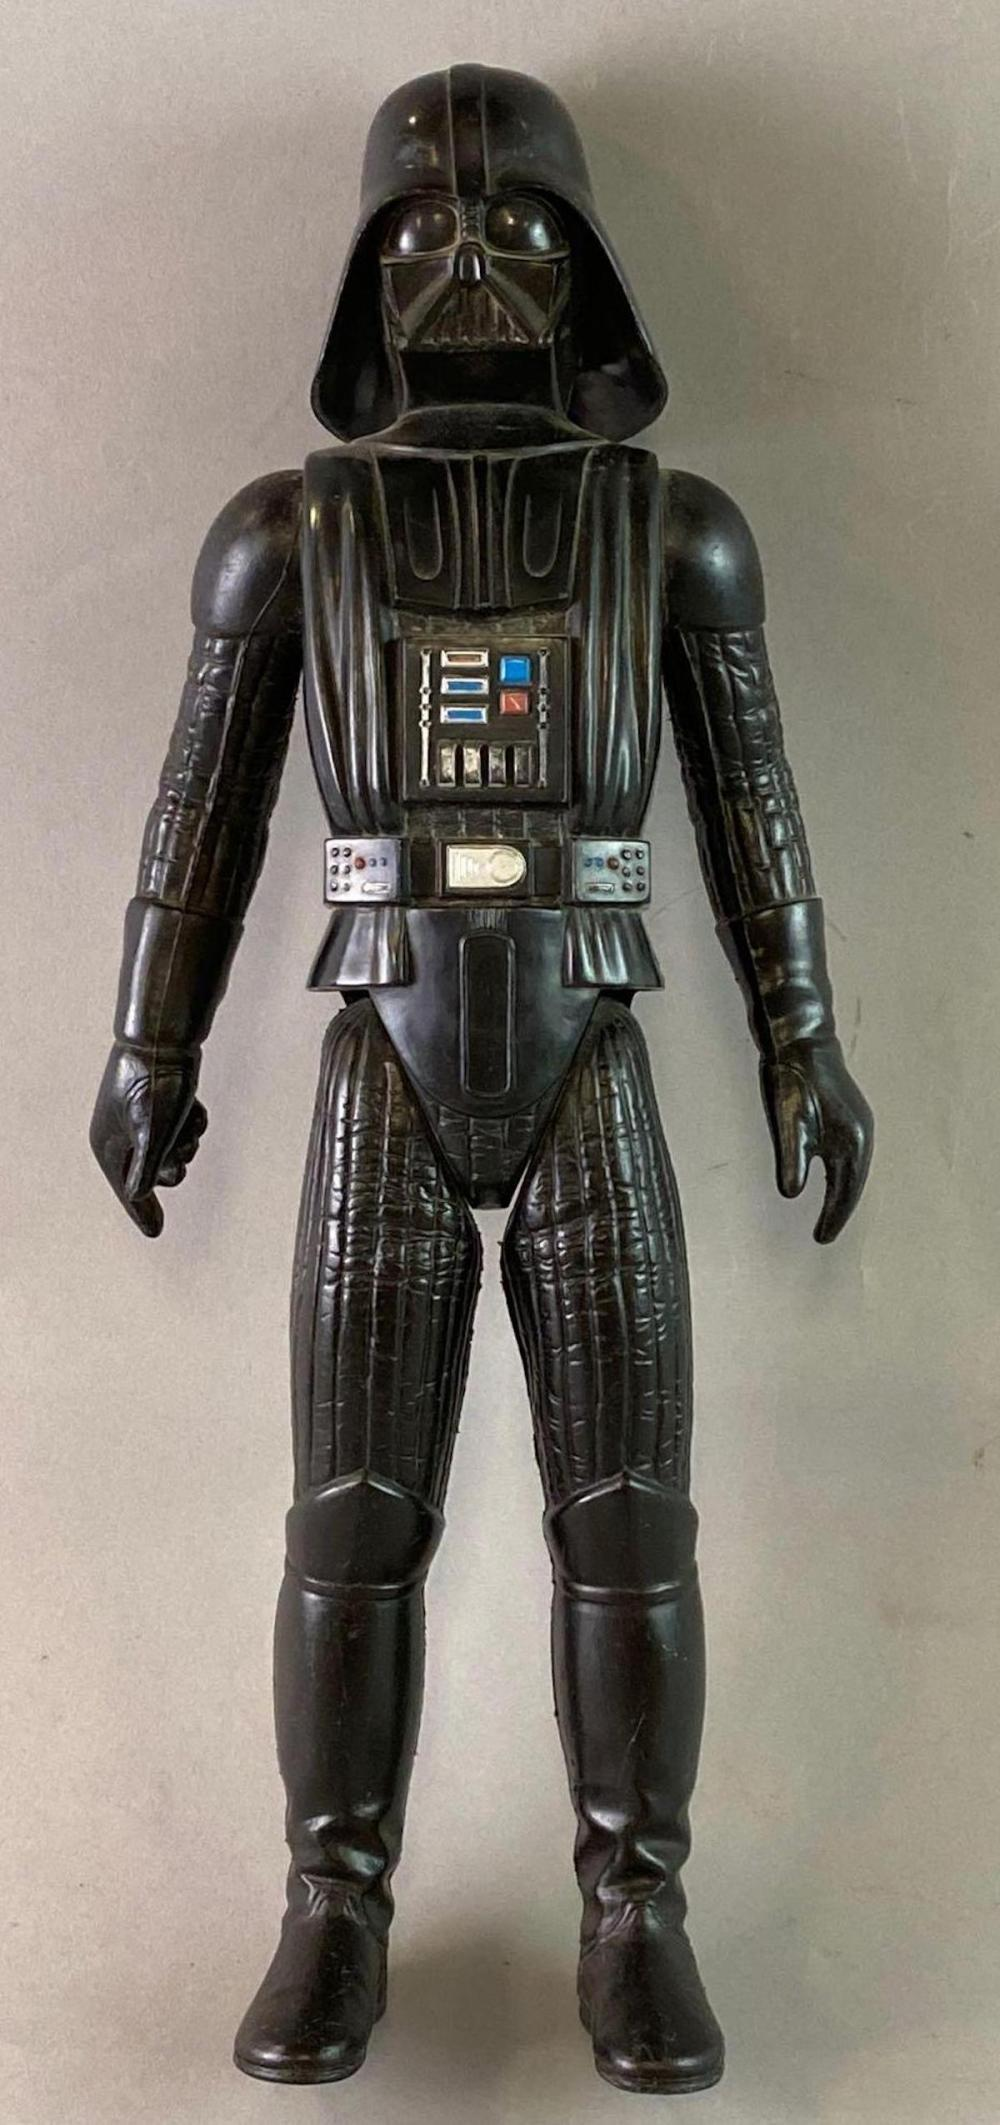 Kenner Star Wars Darth Vader Action Figure